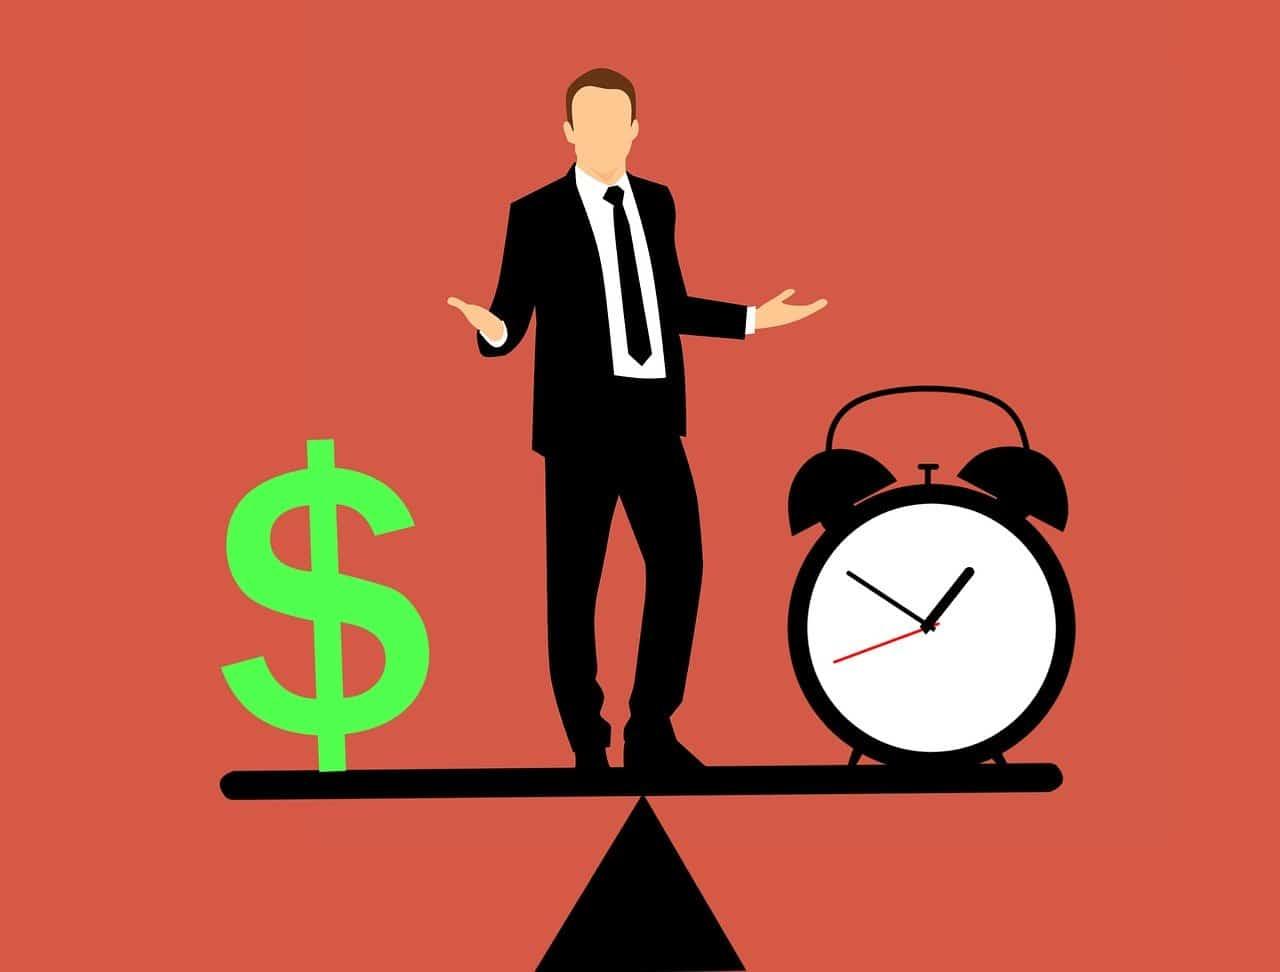 שעון איש וכסף